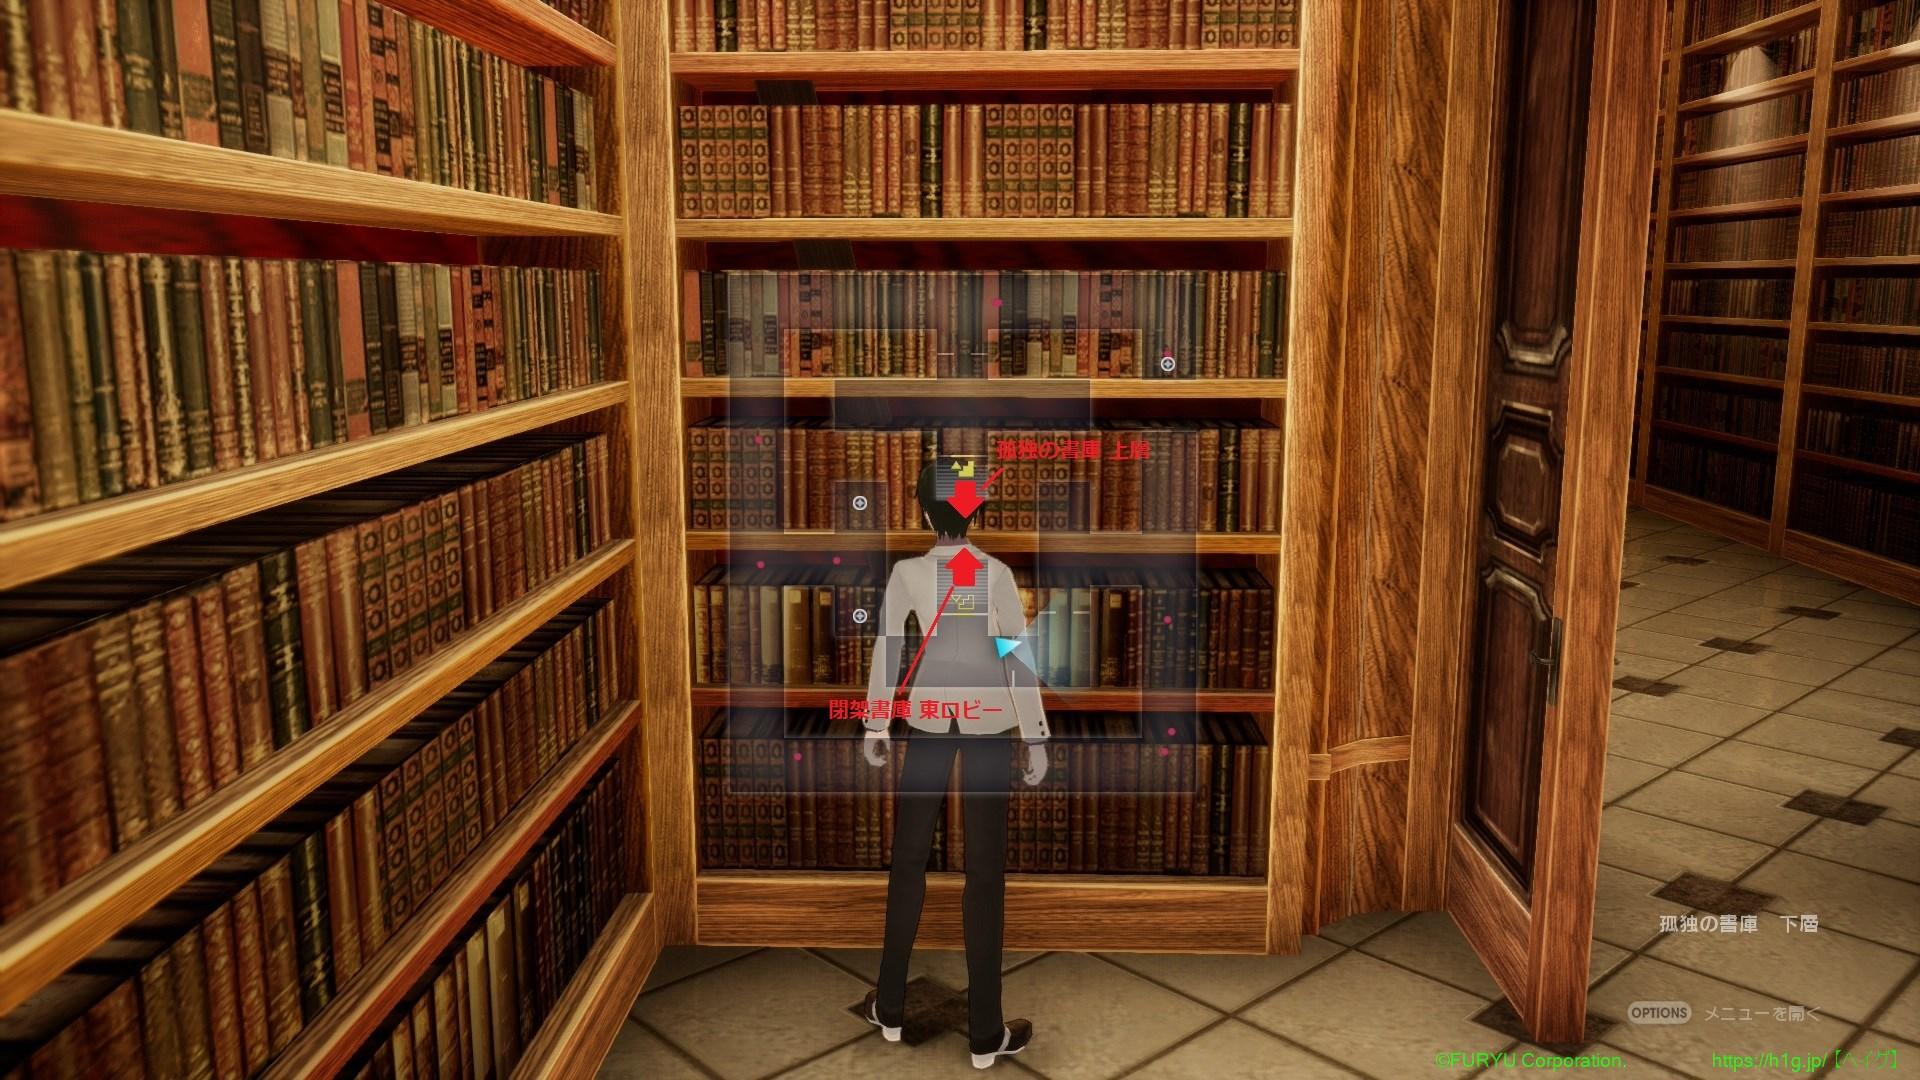 孤独の書庫 下層.jpg